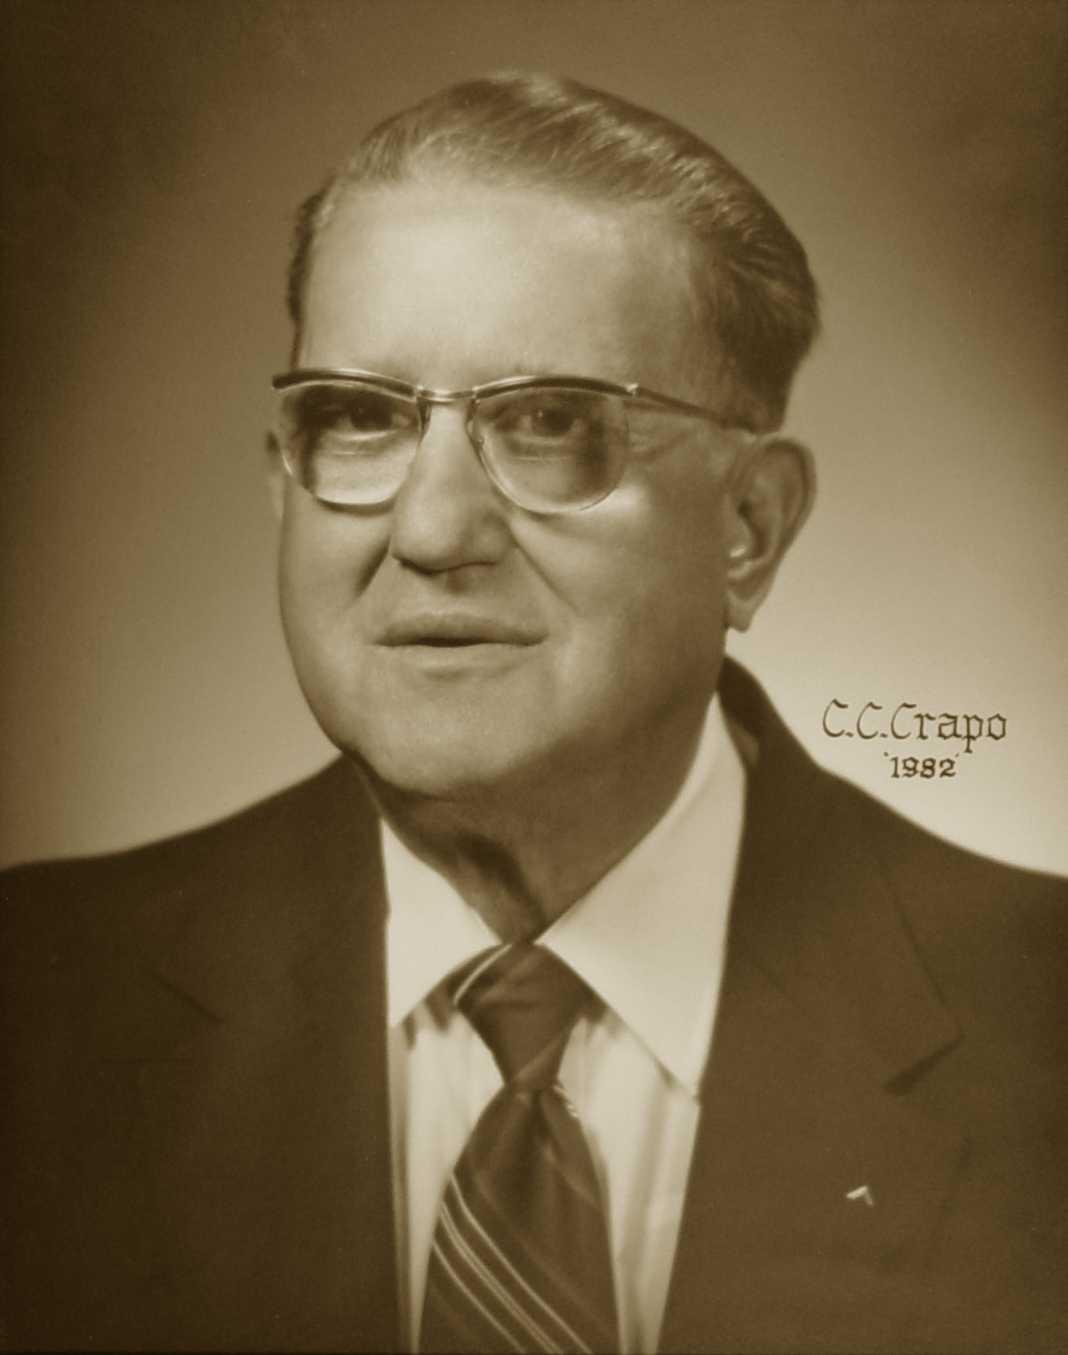 C. C. Crapo, 1982